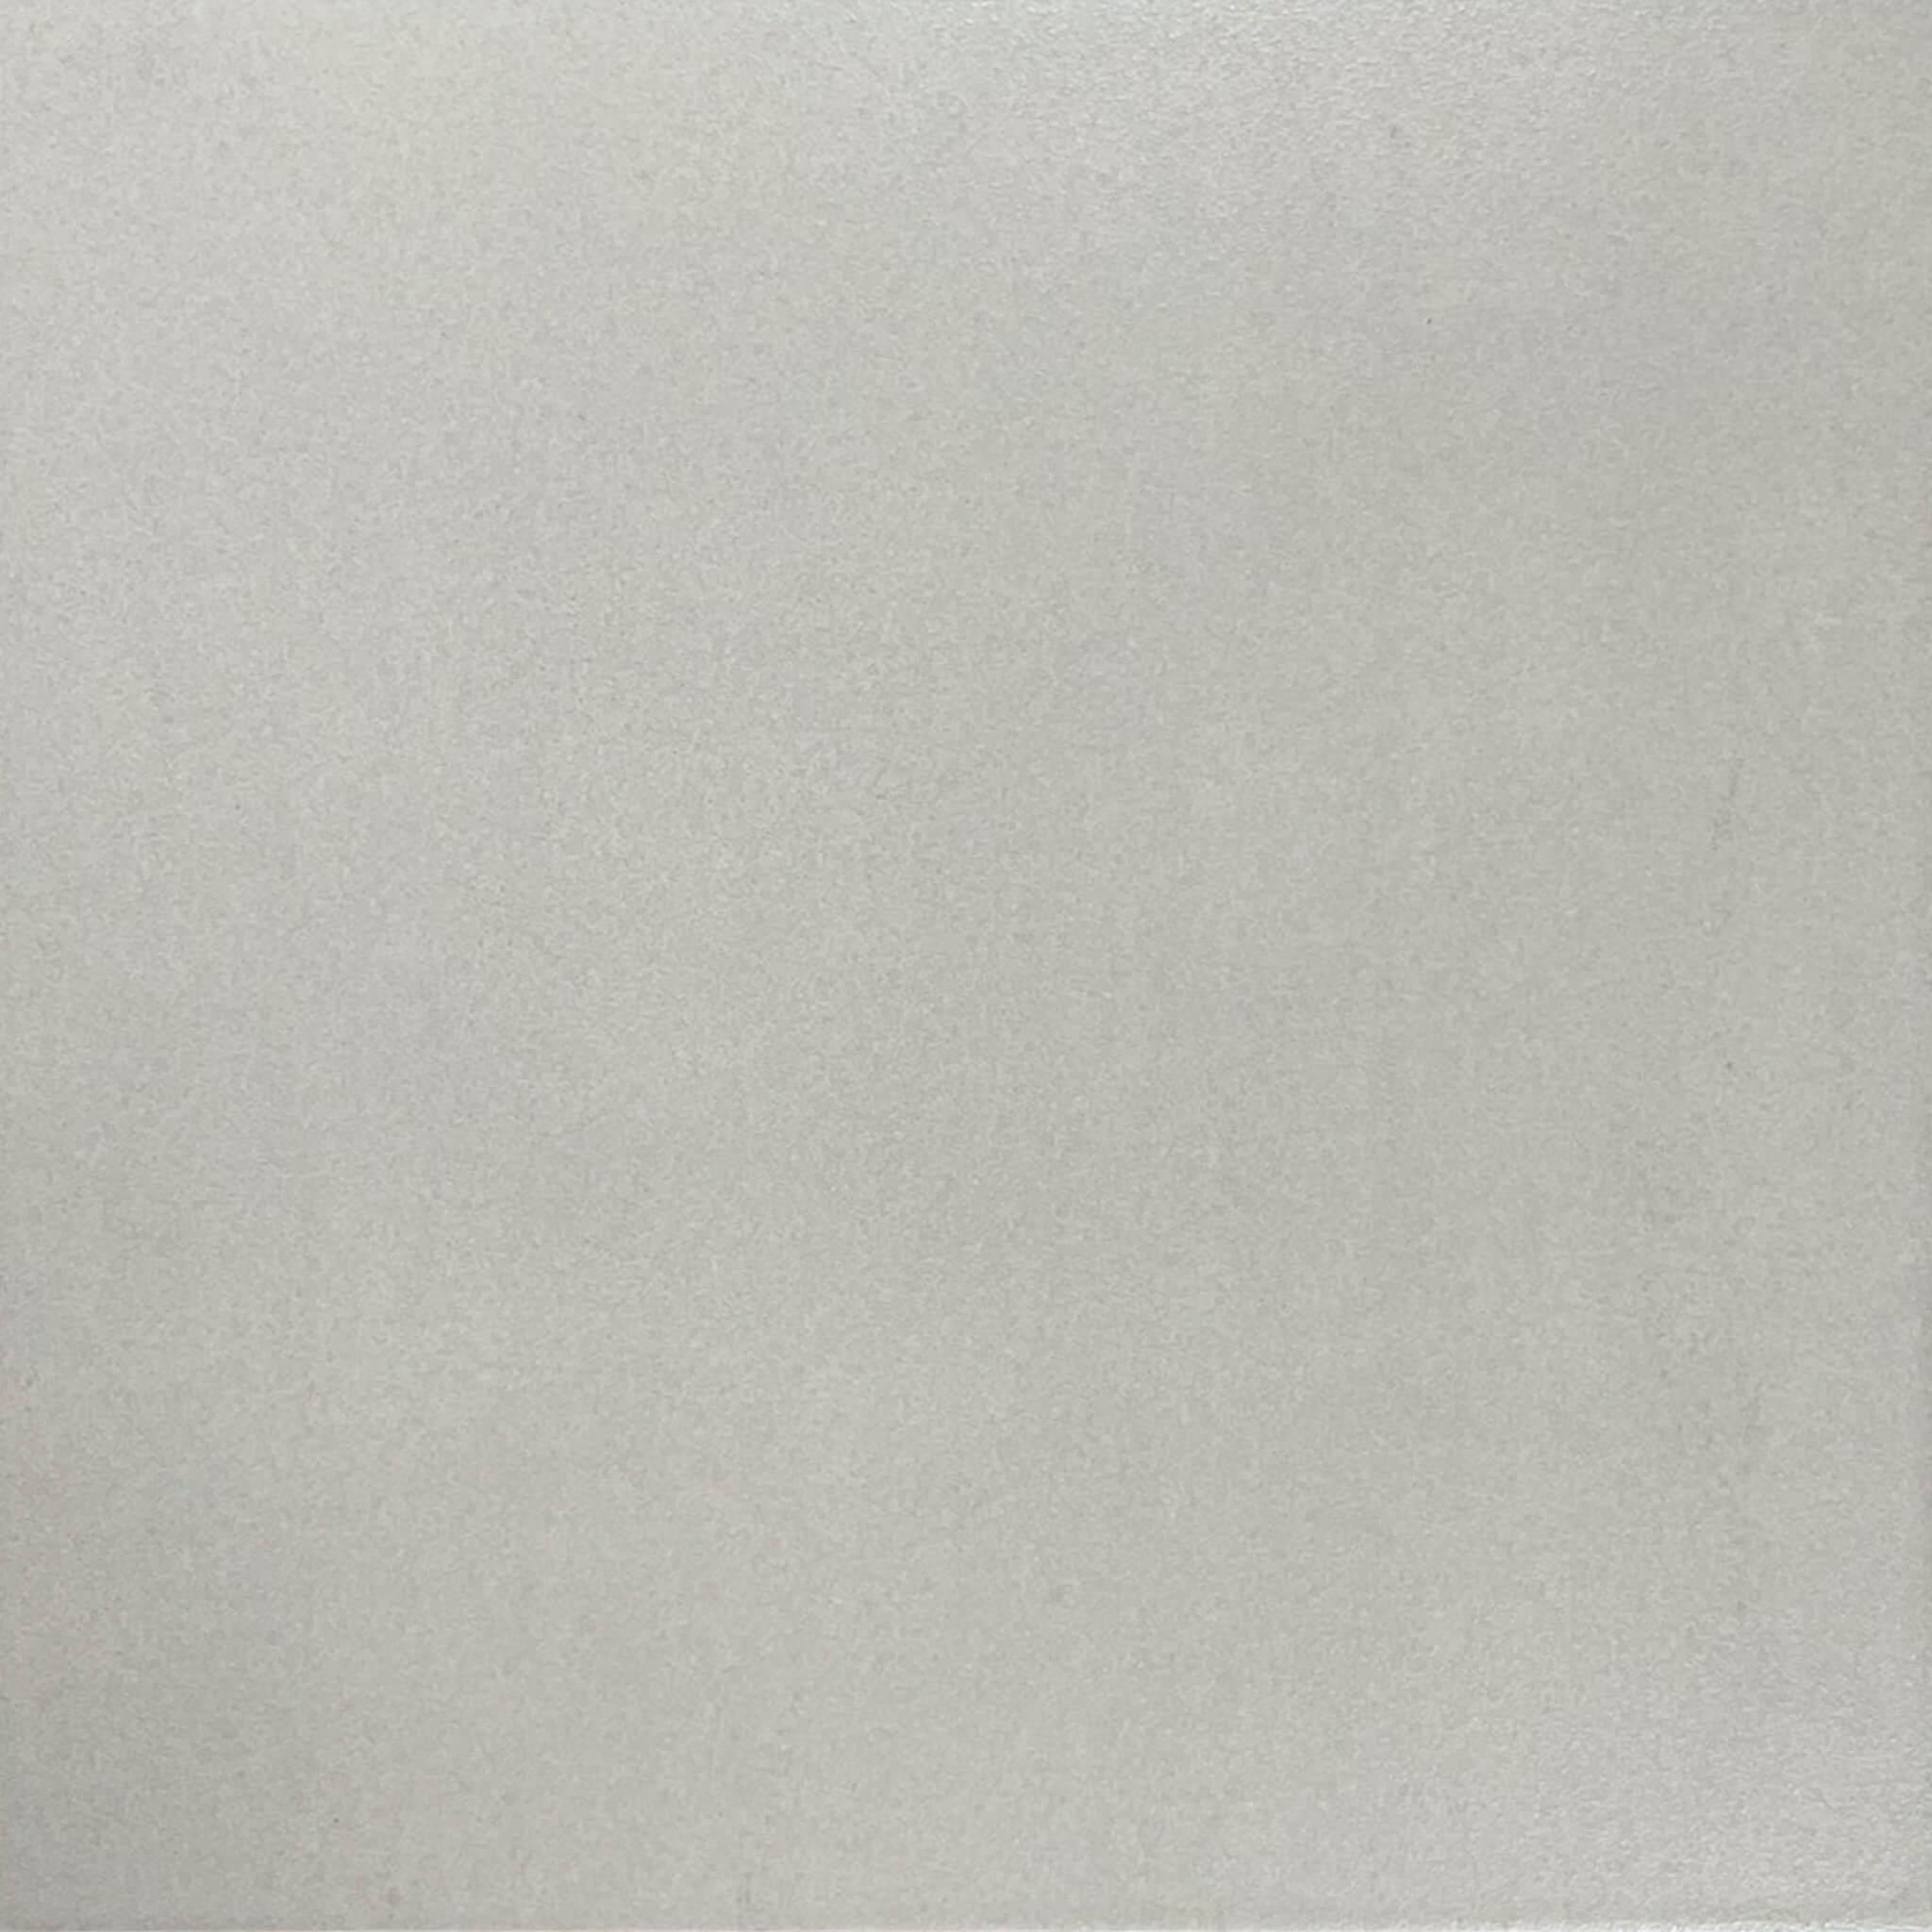 Hemp Sand Glazed Ceramic Anti Slip Res Floor Tiles 2215